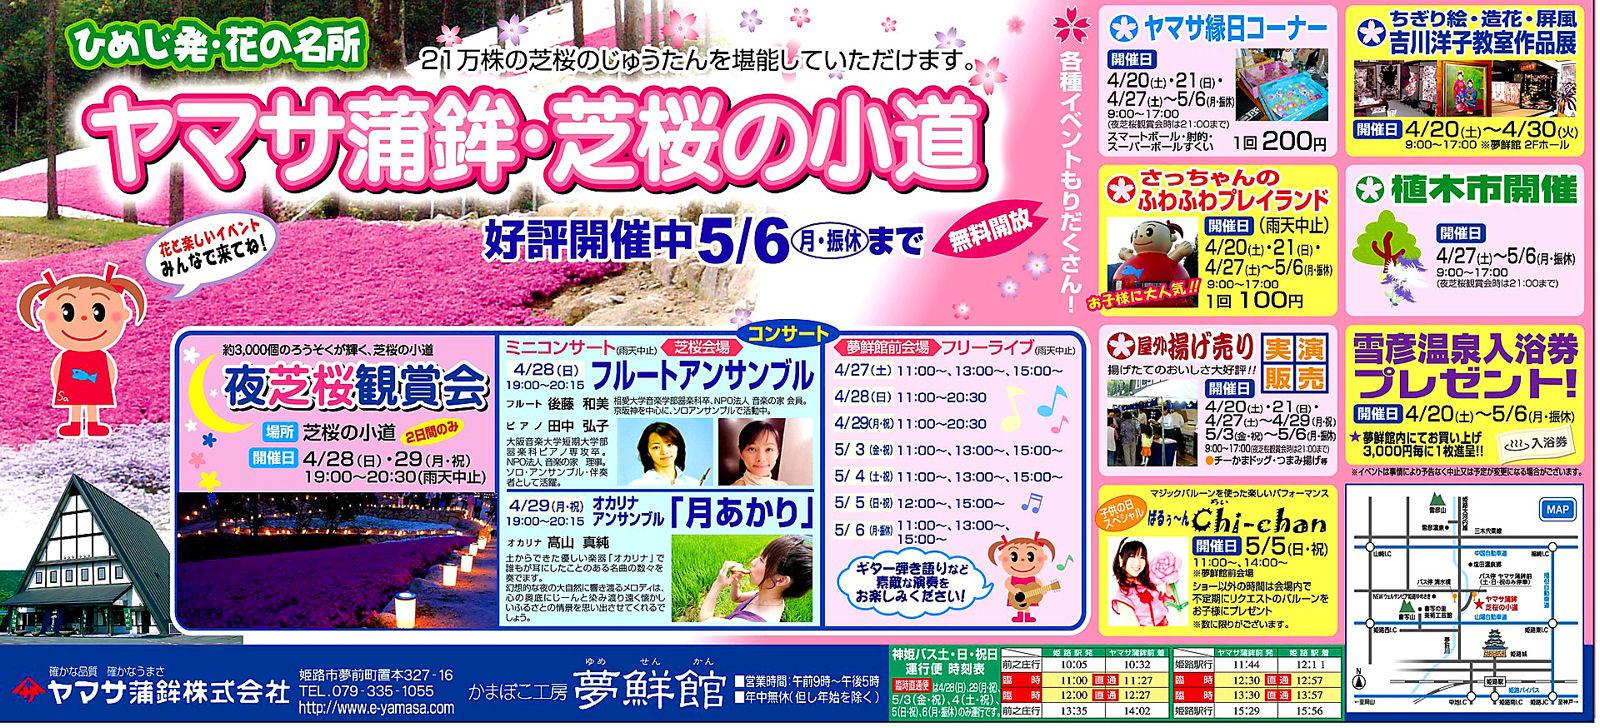 ヤマサ蒲鉾芝桜の小道・イベント情報